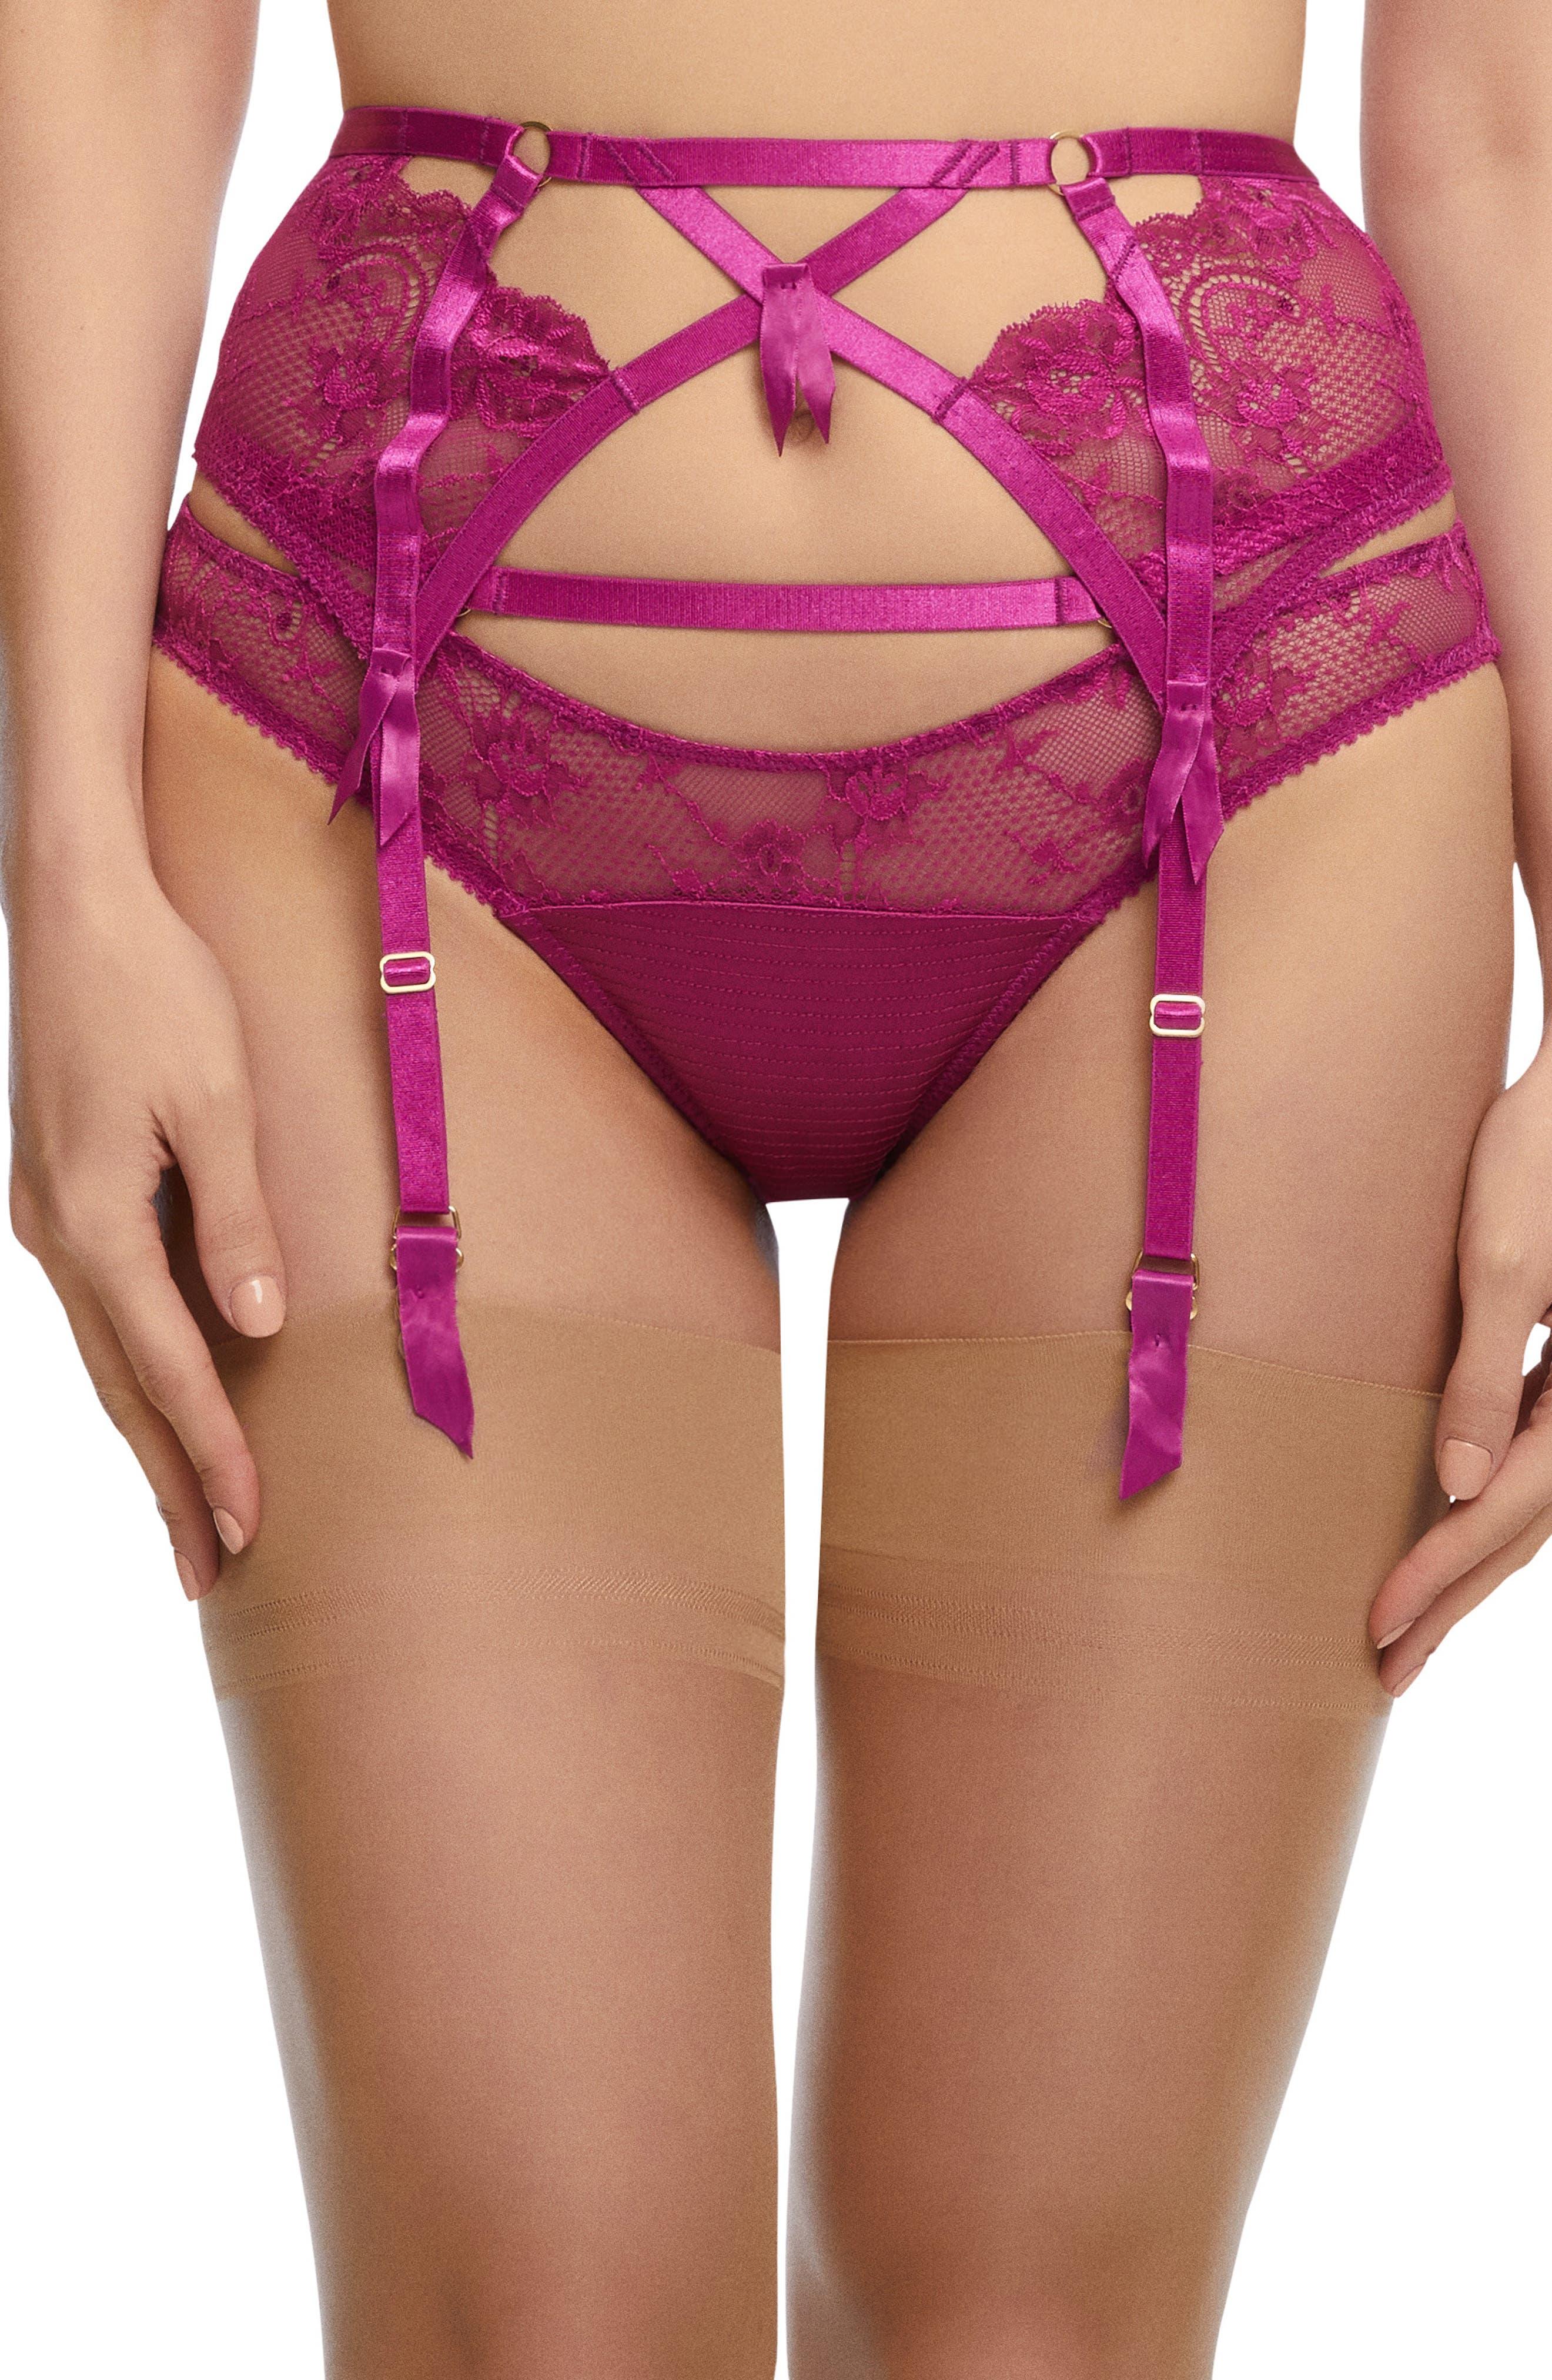 Madame X Garter Belt